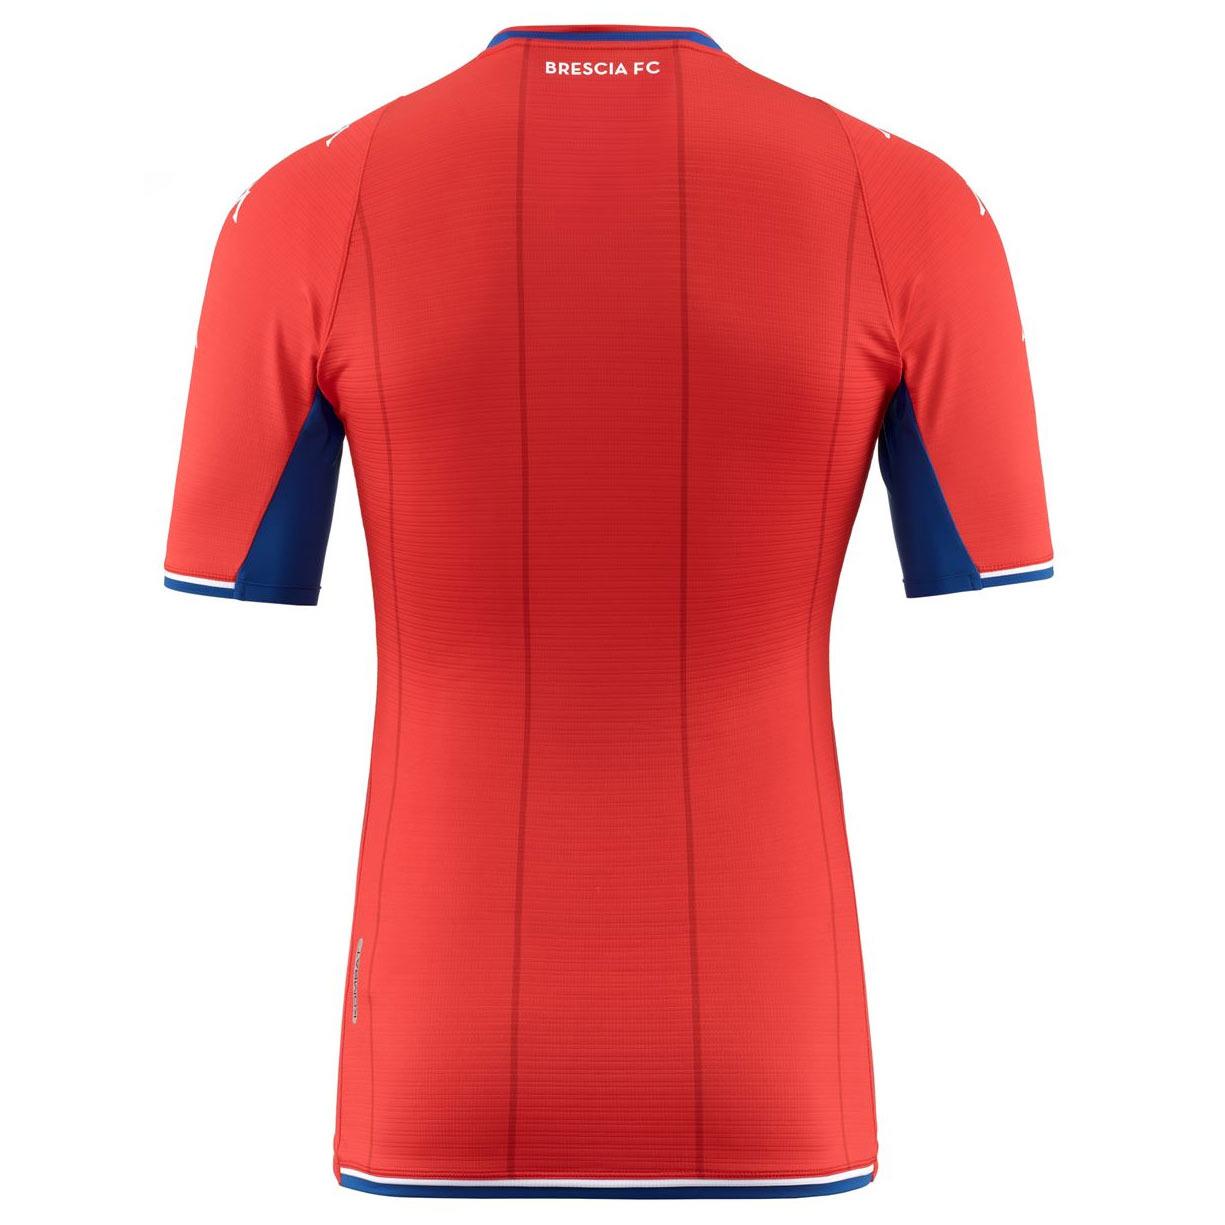 Terza maglia Brescia rossa Kappa